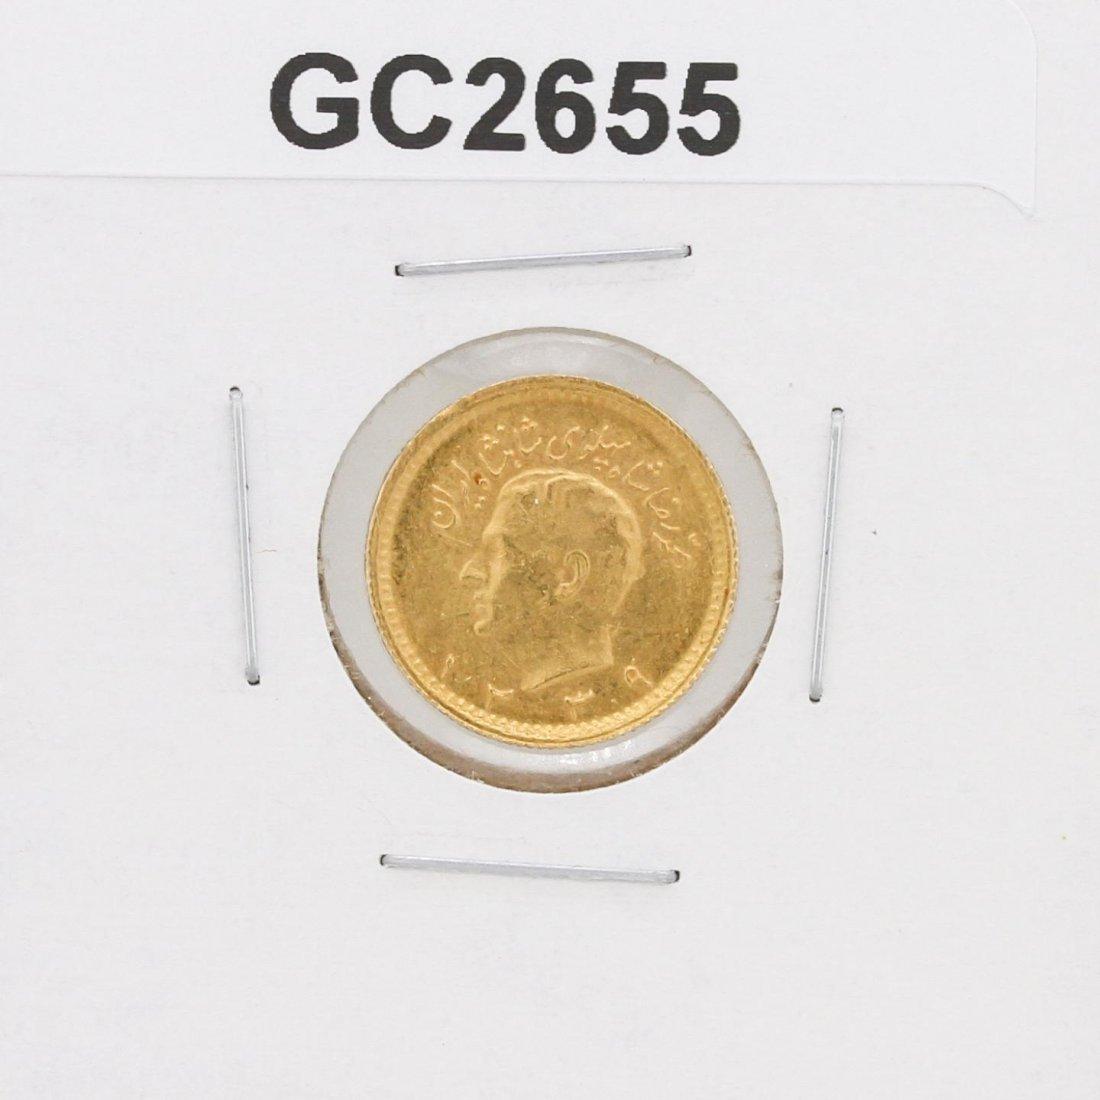 Iranian Pahlavi Gold Coin GC2655